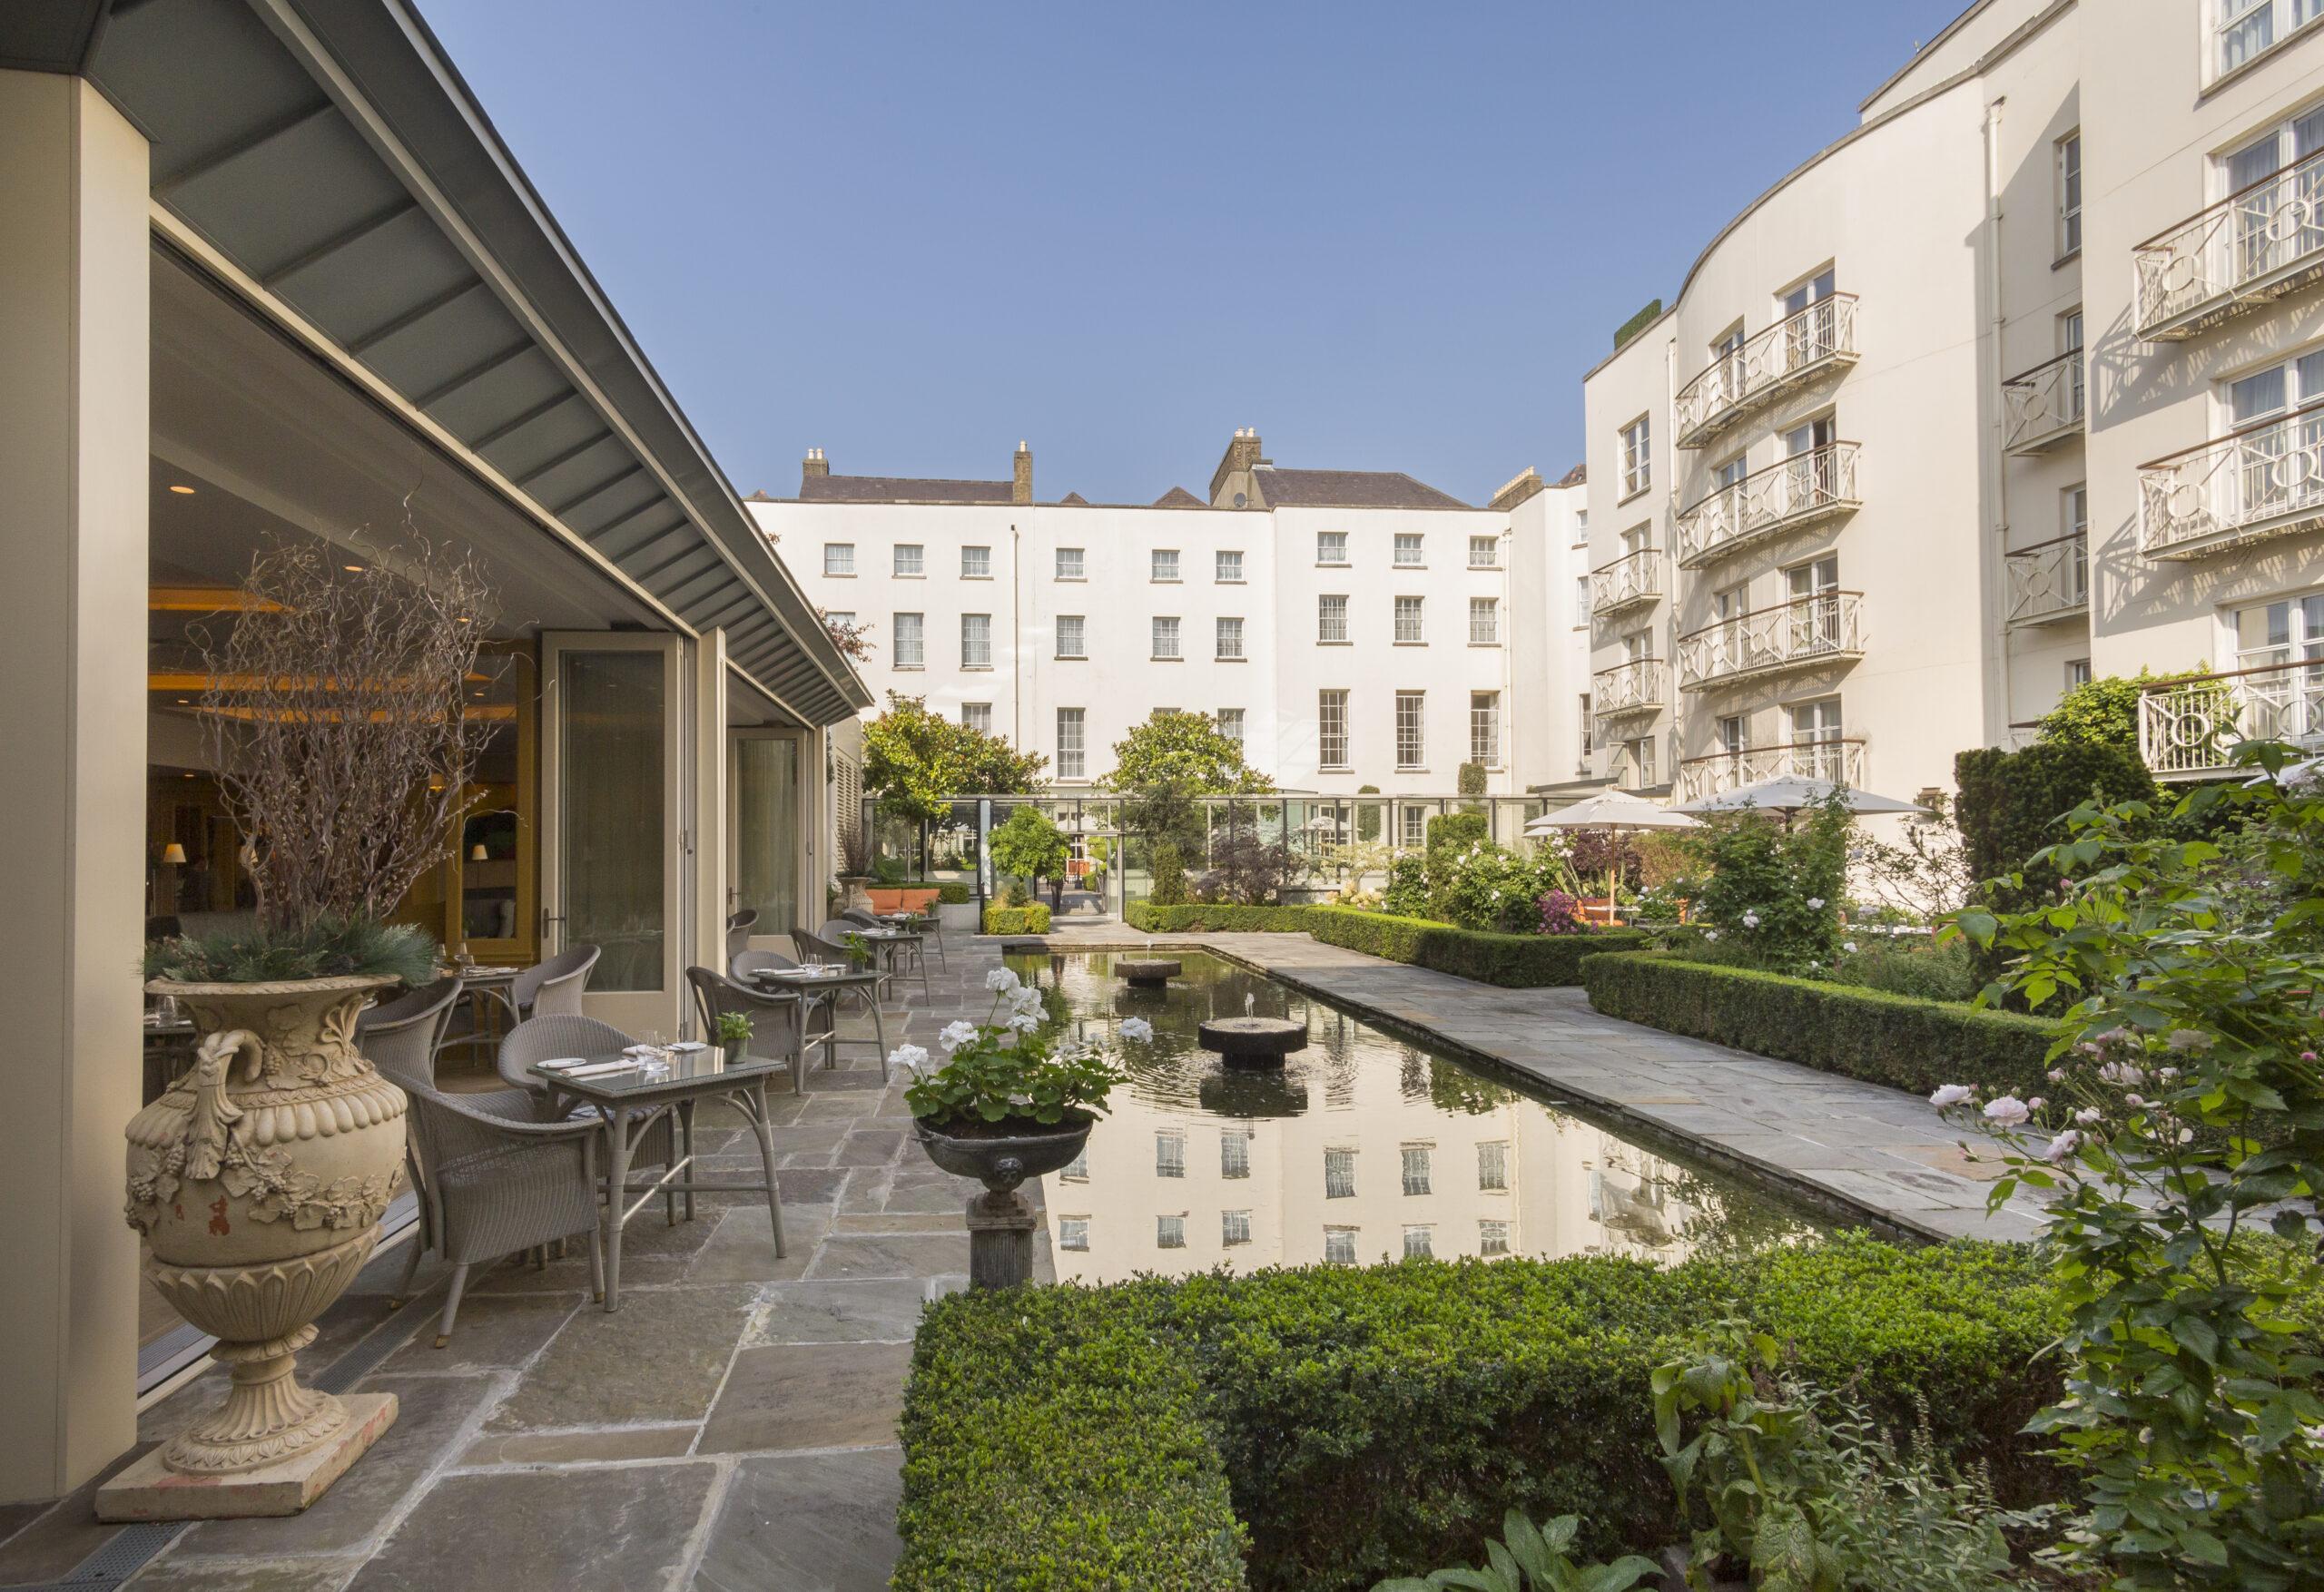 The Merrion Hotel, Dublin